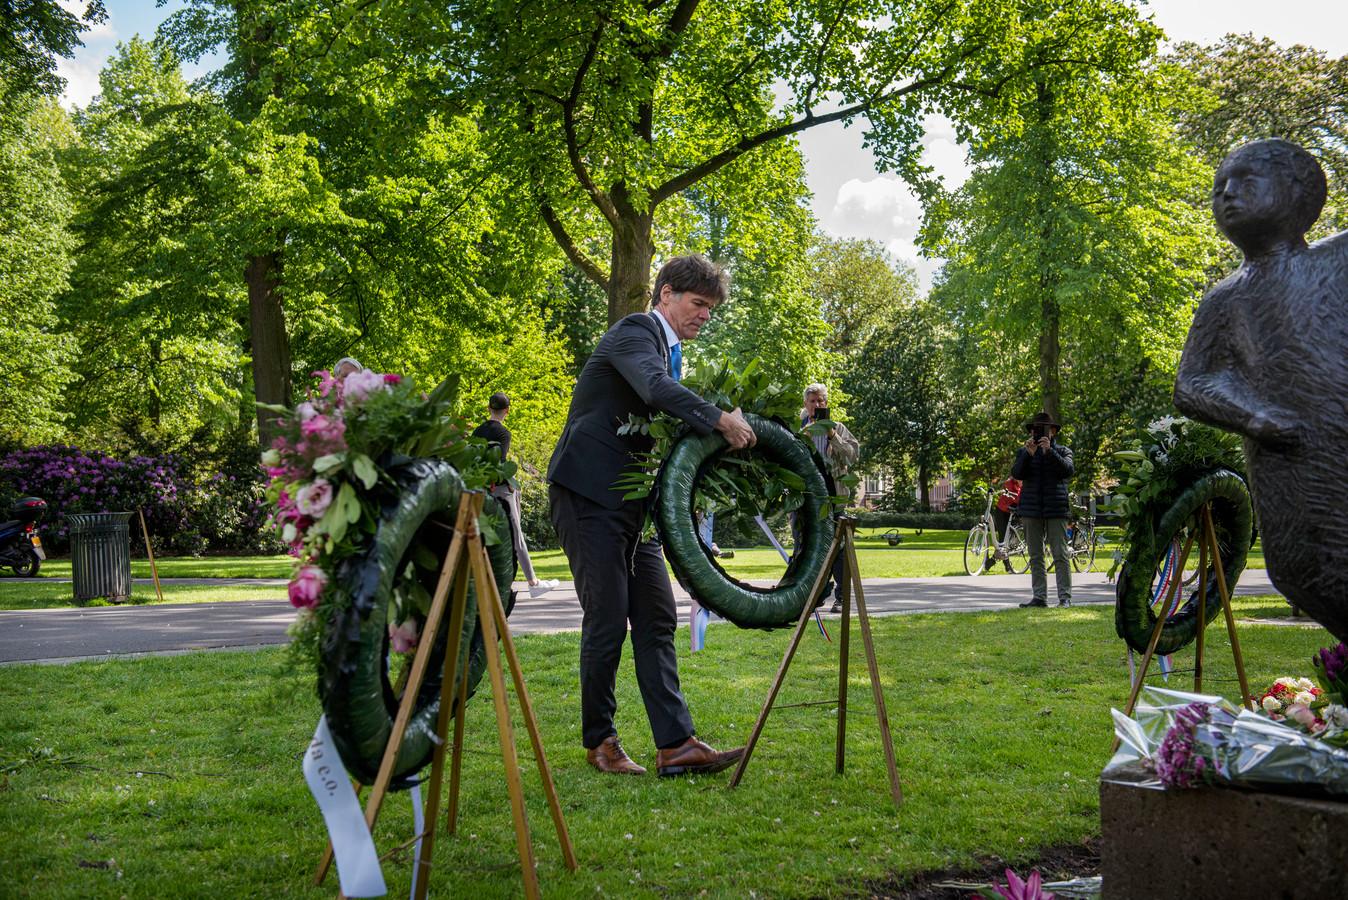 Ook in 2020 werden de oorlogsslachtoffers in aangepaste vorm herdacht. Burgemeester Depla van Breda legde een krans bij het monument De Vlucht zonder dat hier publiek bij aanwezig kon zijn.